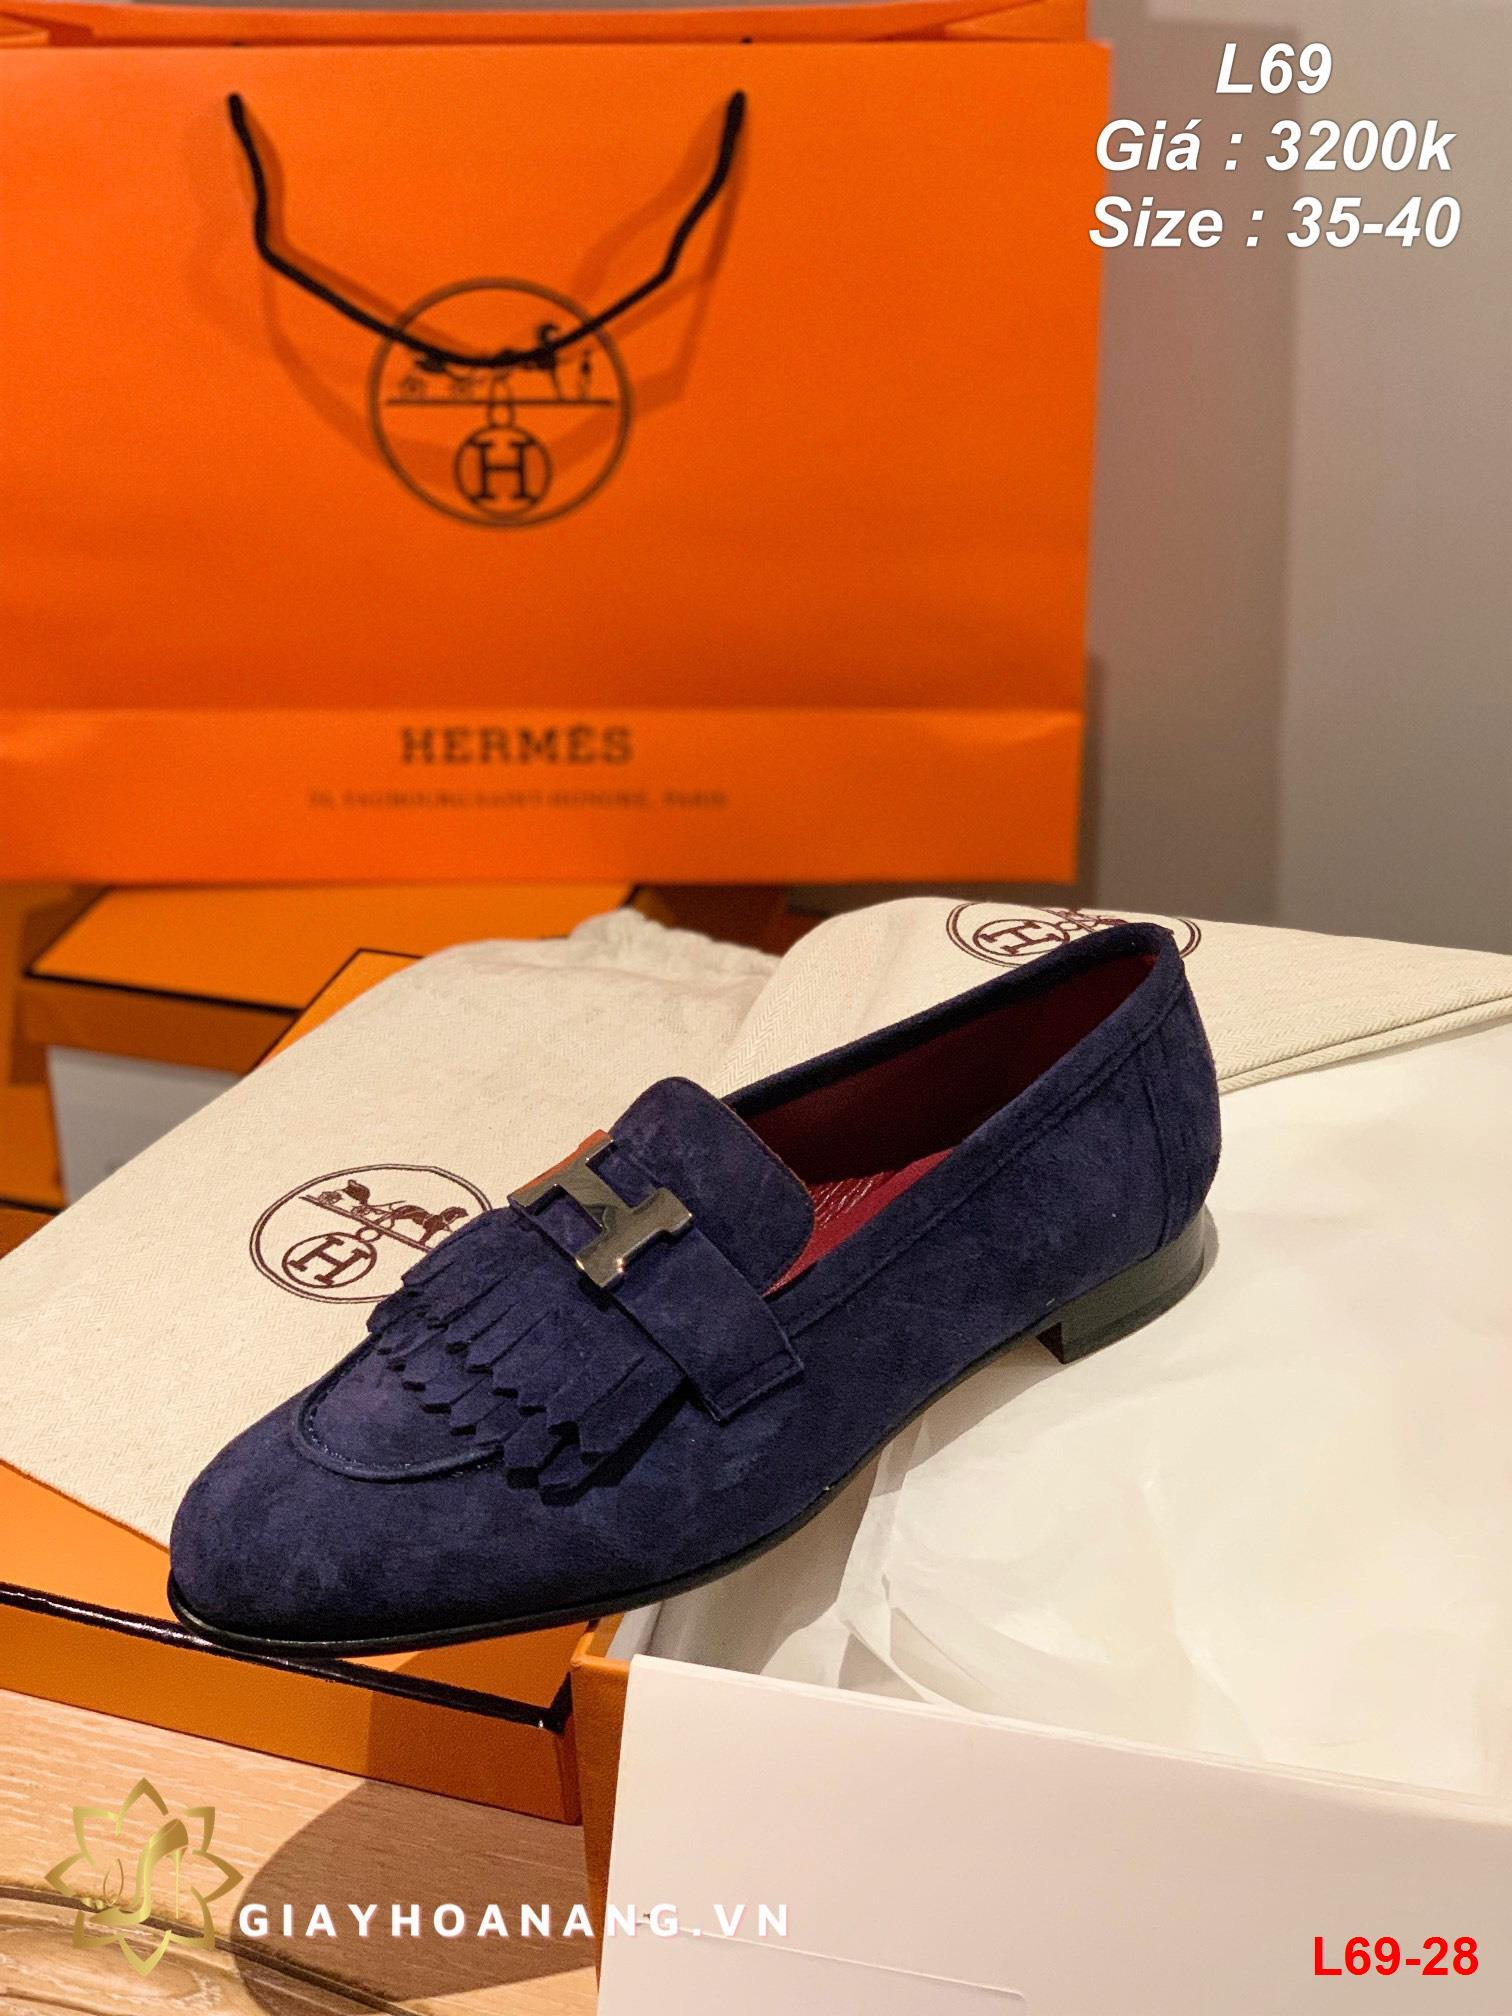 L69-28 Hermes giày lười siêu cấp